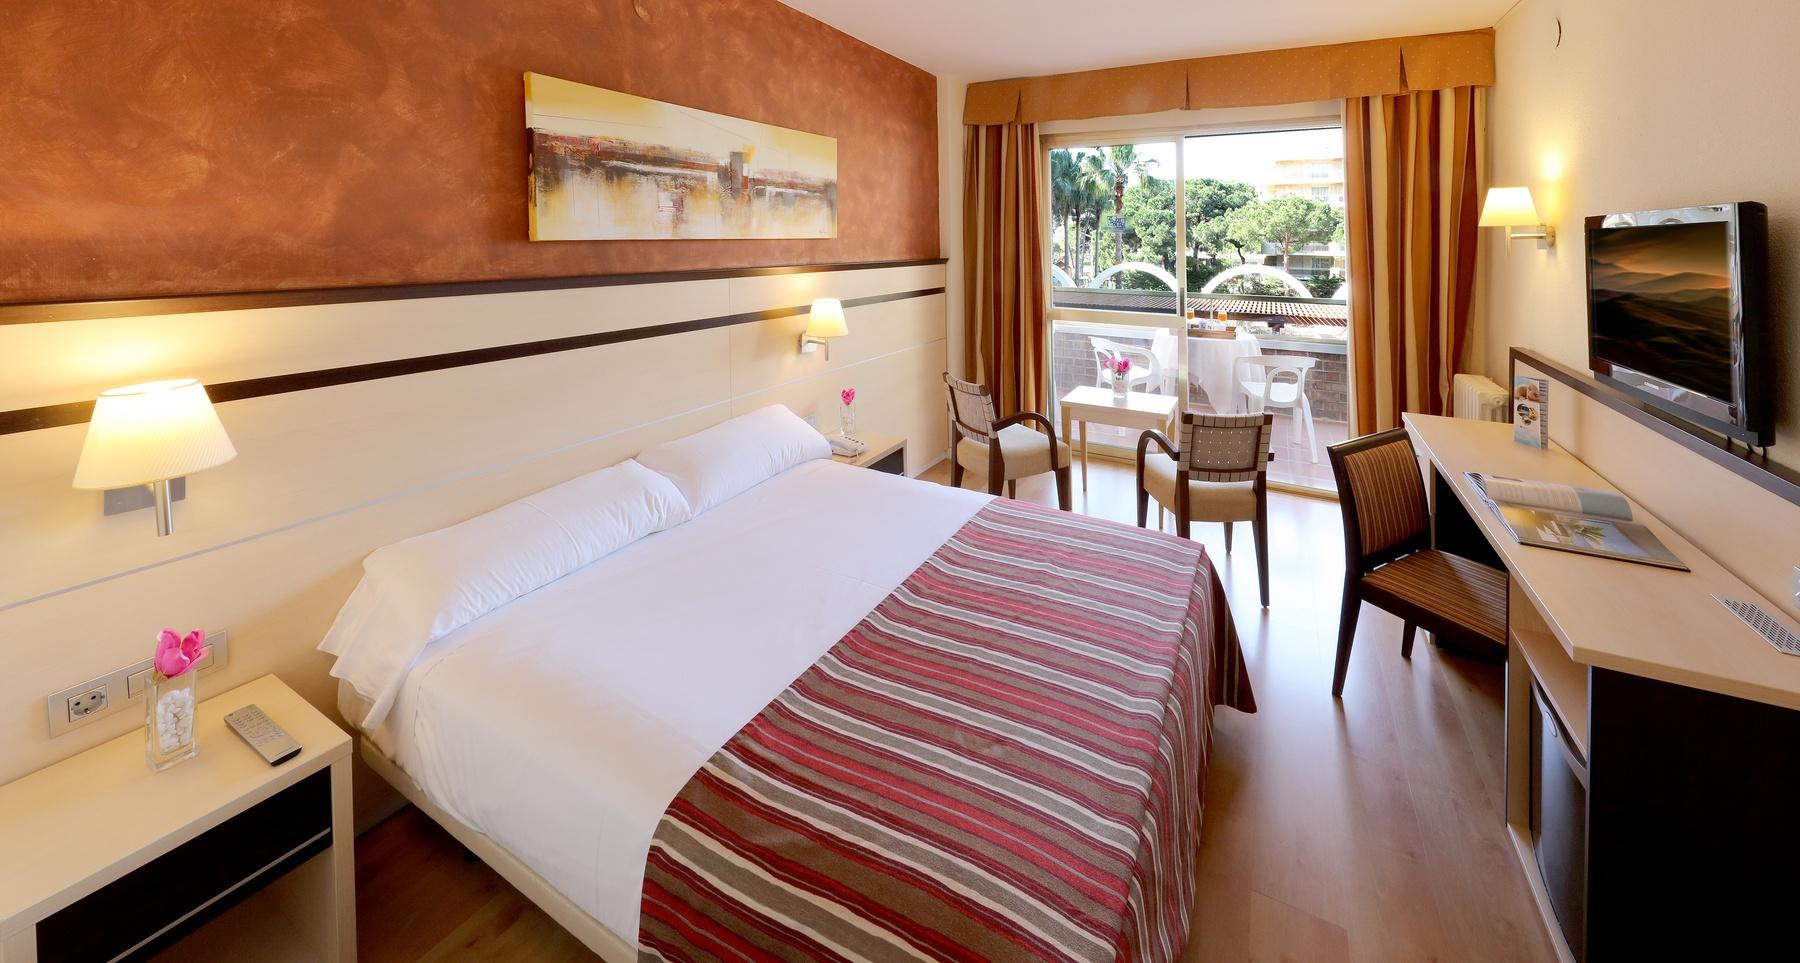 hotel rooms family Salou Costa Dorada